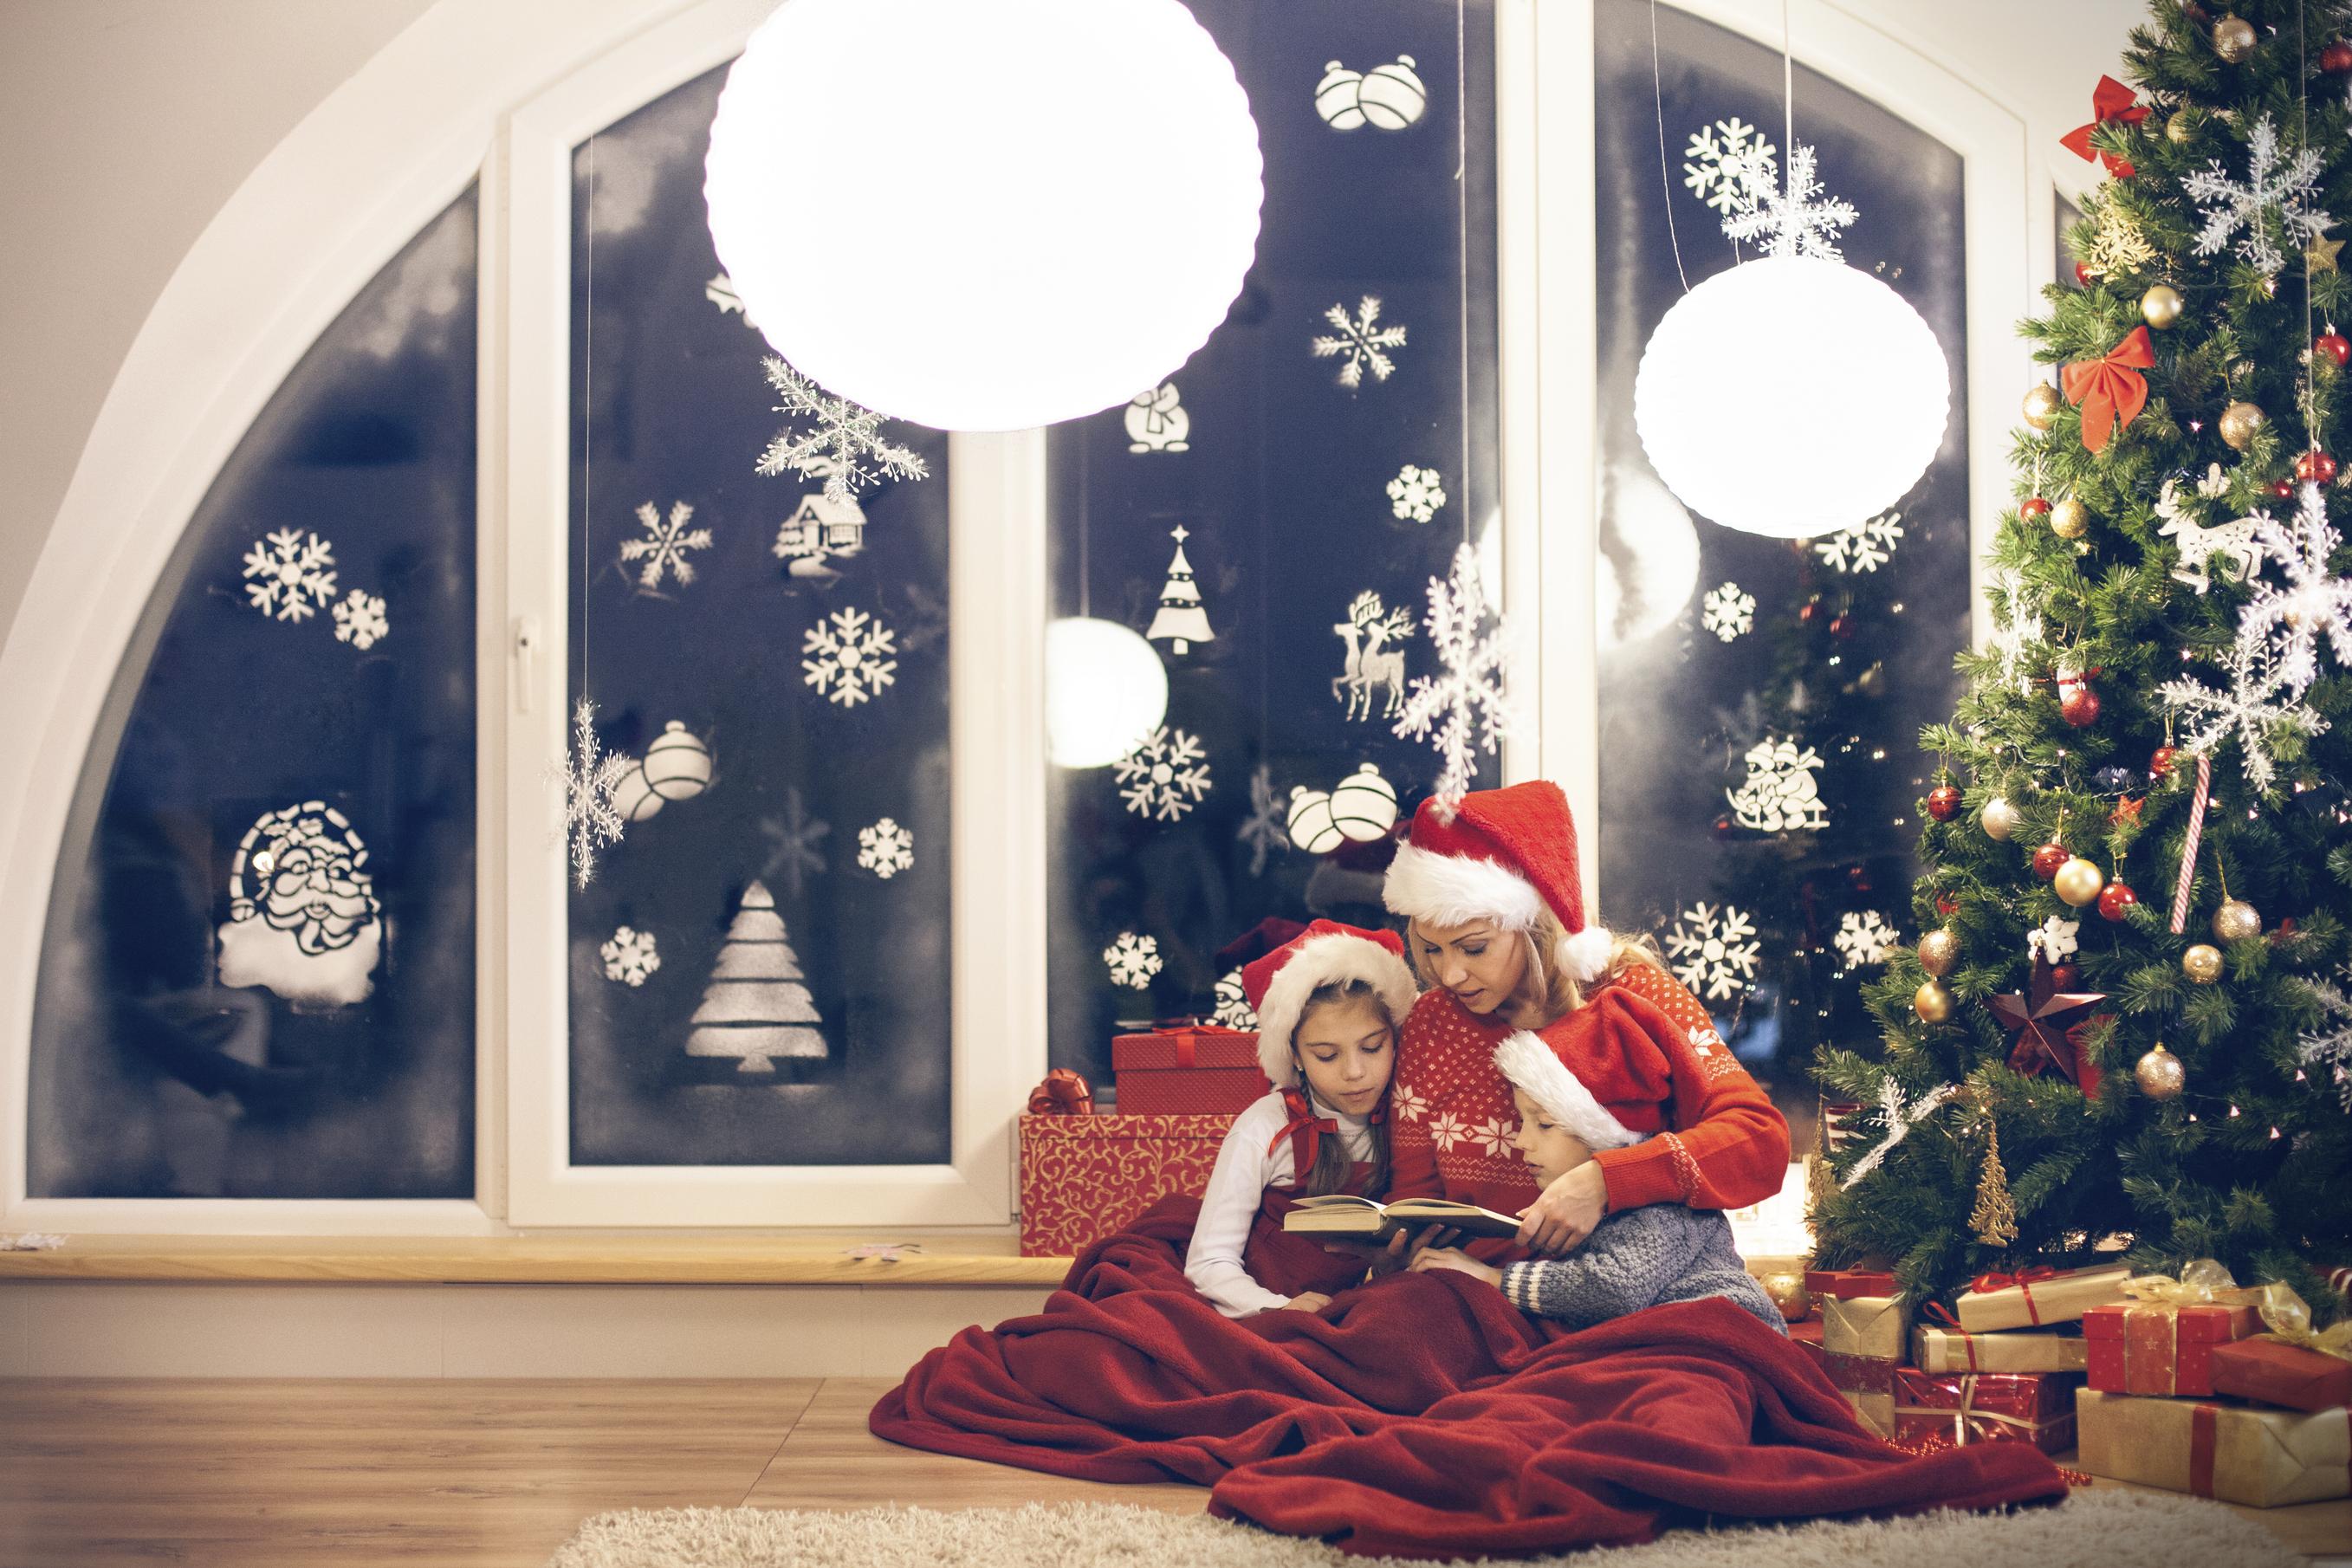 Poesie Di Natale In Rima Baciata.Poesie Di Natale Per Bambini Pianetamamma It